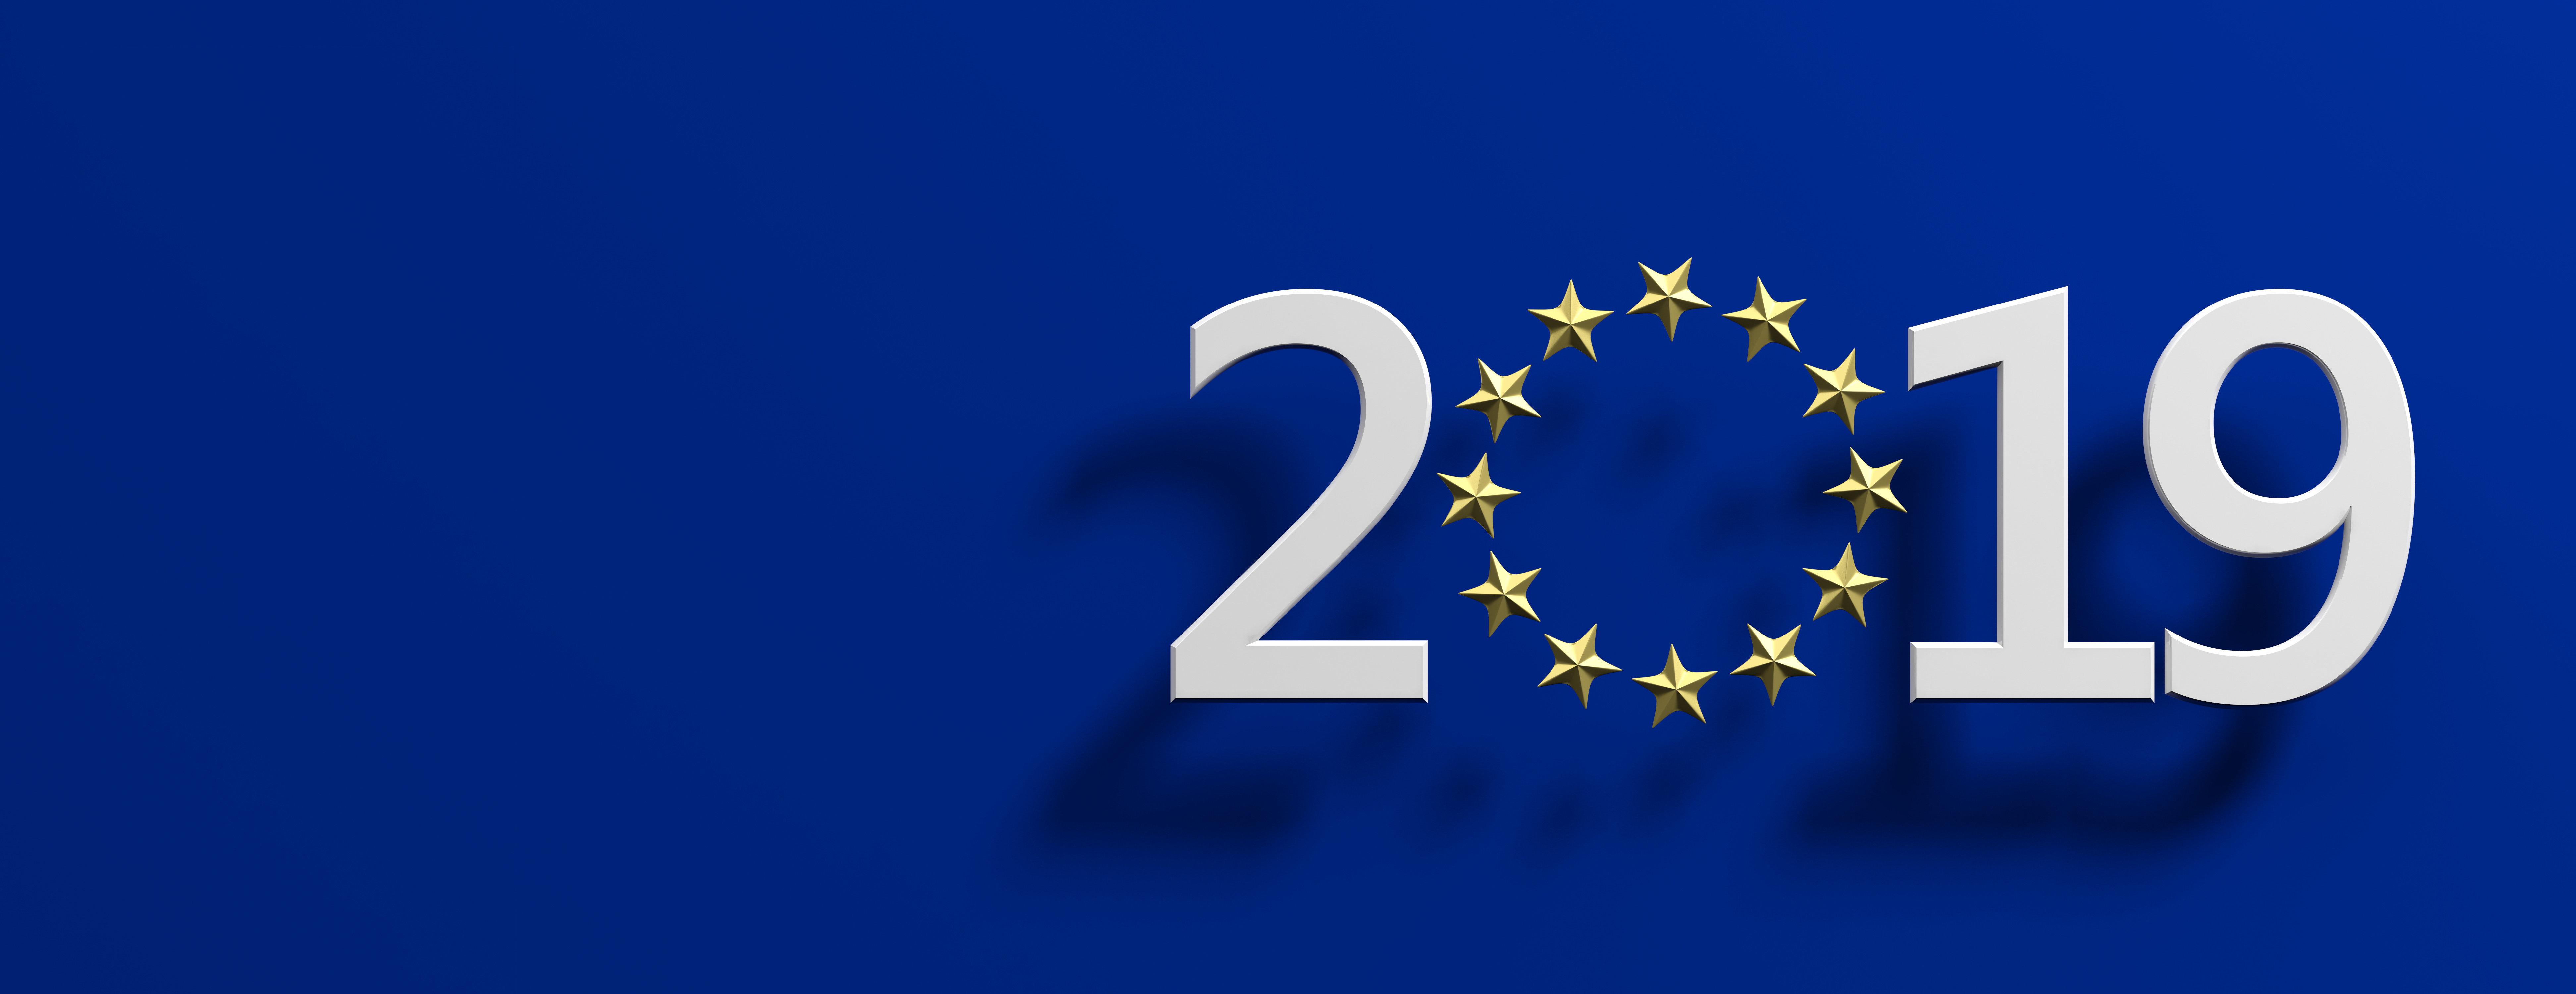 Ευρωπαίος (Πολίτης) και